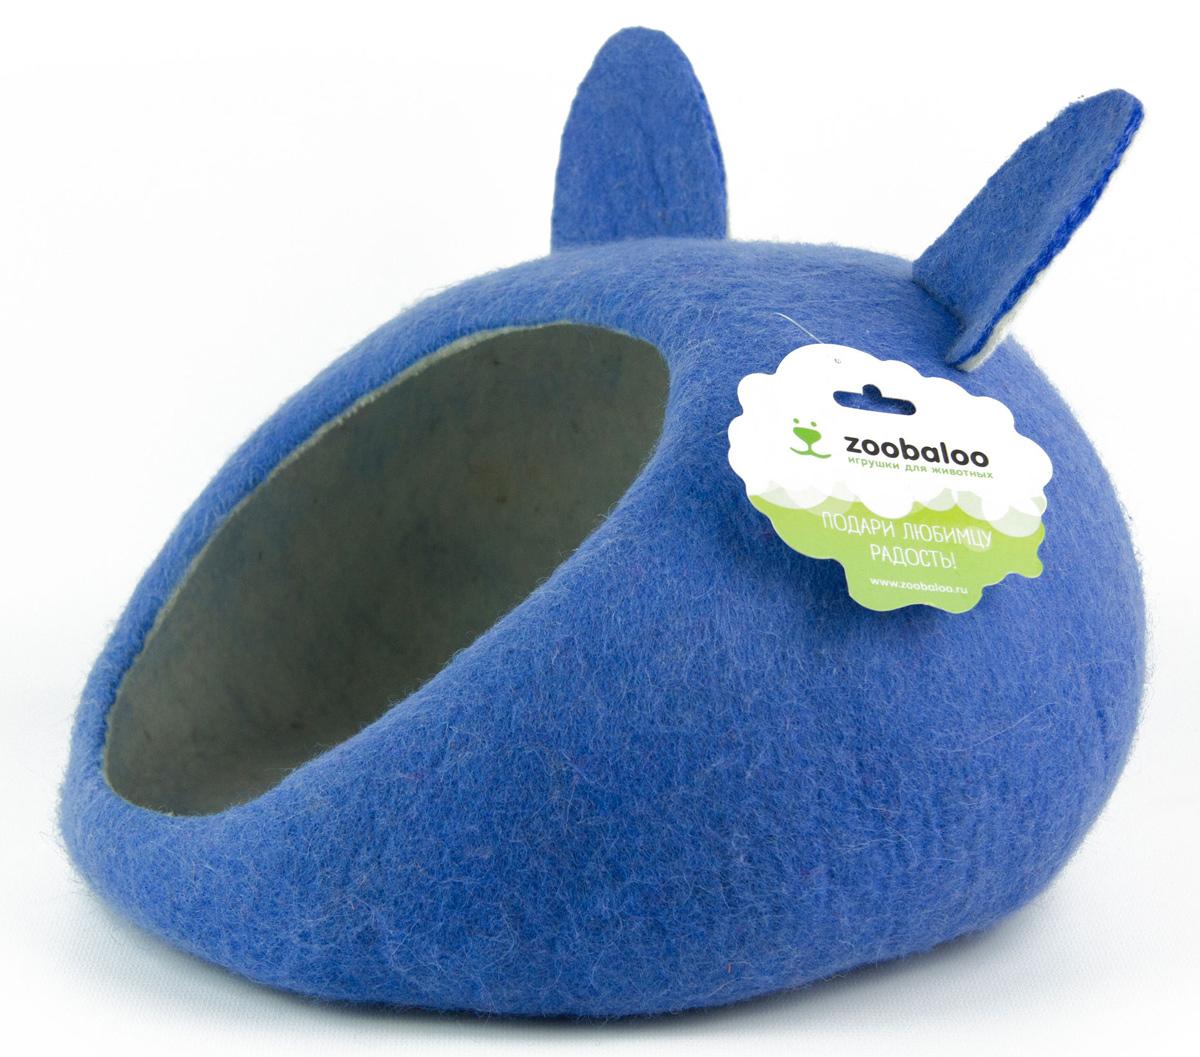 Домик-слипер для животных Zoobaloo WoolPetHouse, с ушками, цвет: синий, размер S0120710Домик-слипер Zoobaloo WoolPetHouse предназначен для отдыха и сна питомца. Домик изготовлен из 100% шерсти мериноса. Учтены все особенности животного сна: форма, цвет, материал этого домика - все подобрано как нельзя лучше! В нем ваш любимец будет видеть только цветные сны. Шерсть мериноса обеспечит превосходный микроклимат внутри домика, а его форма позволит питомцу засыпать в самой естественной позе.